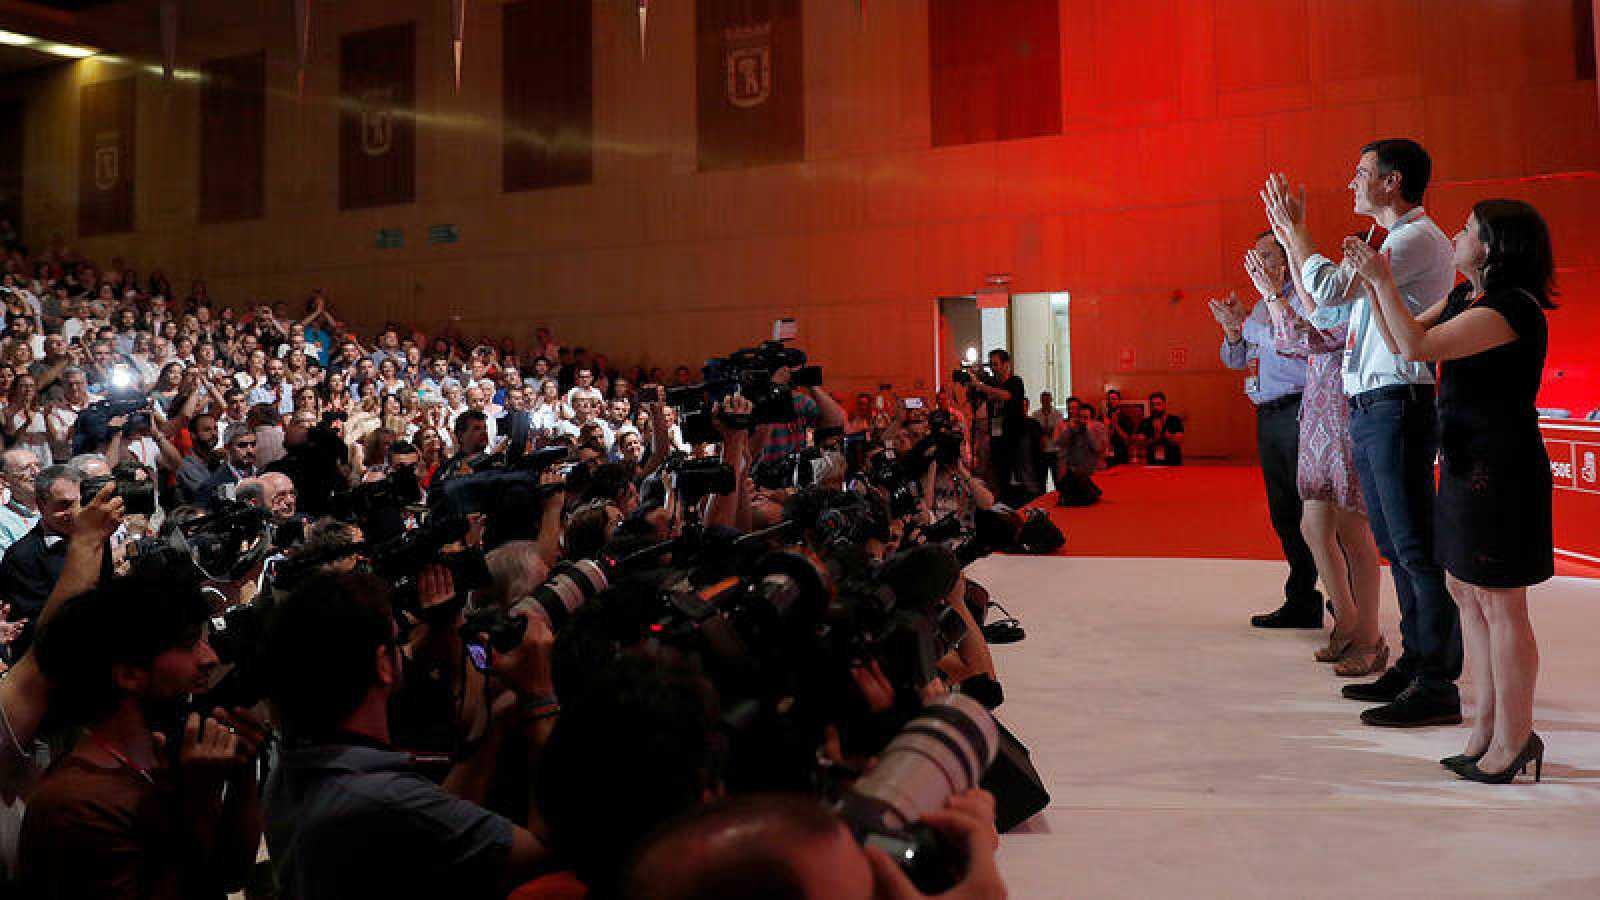 El líder del PSOE, Pedro Sánchez, aclamado a su llegada al 39º Congreso Federal de los socialistas